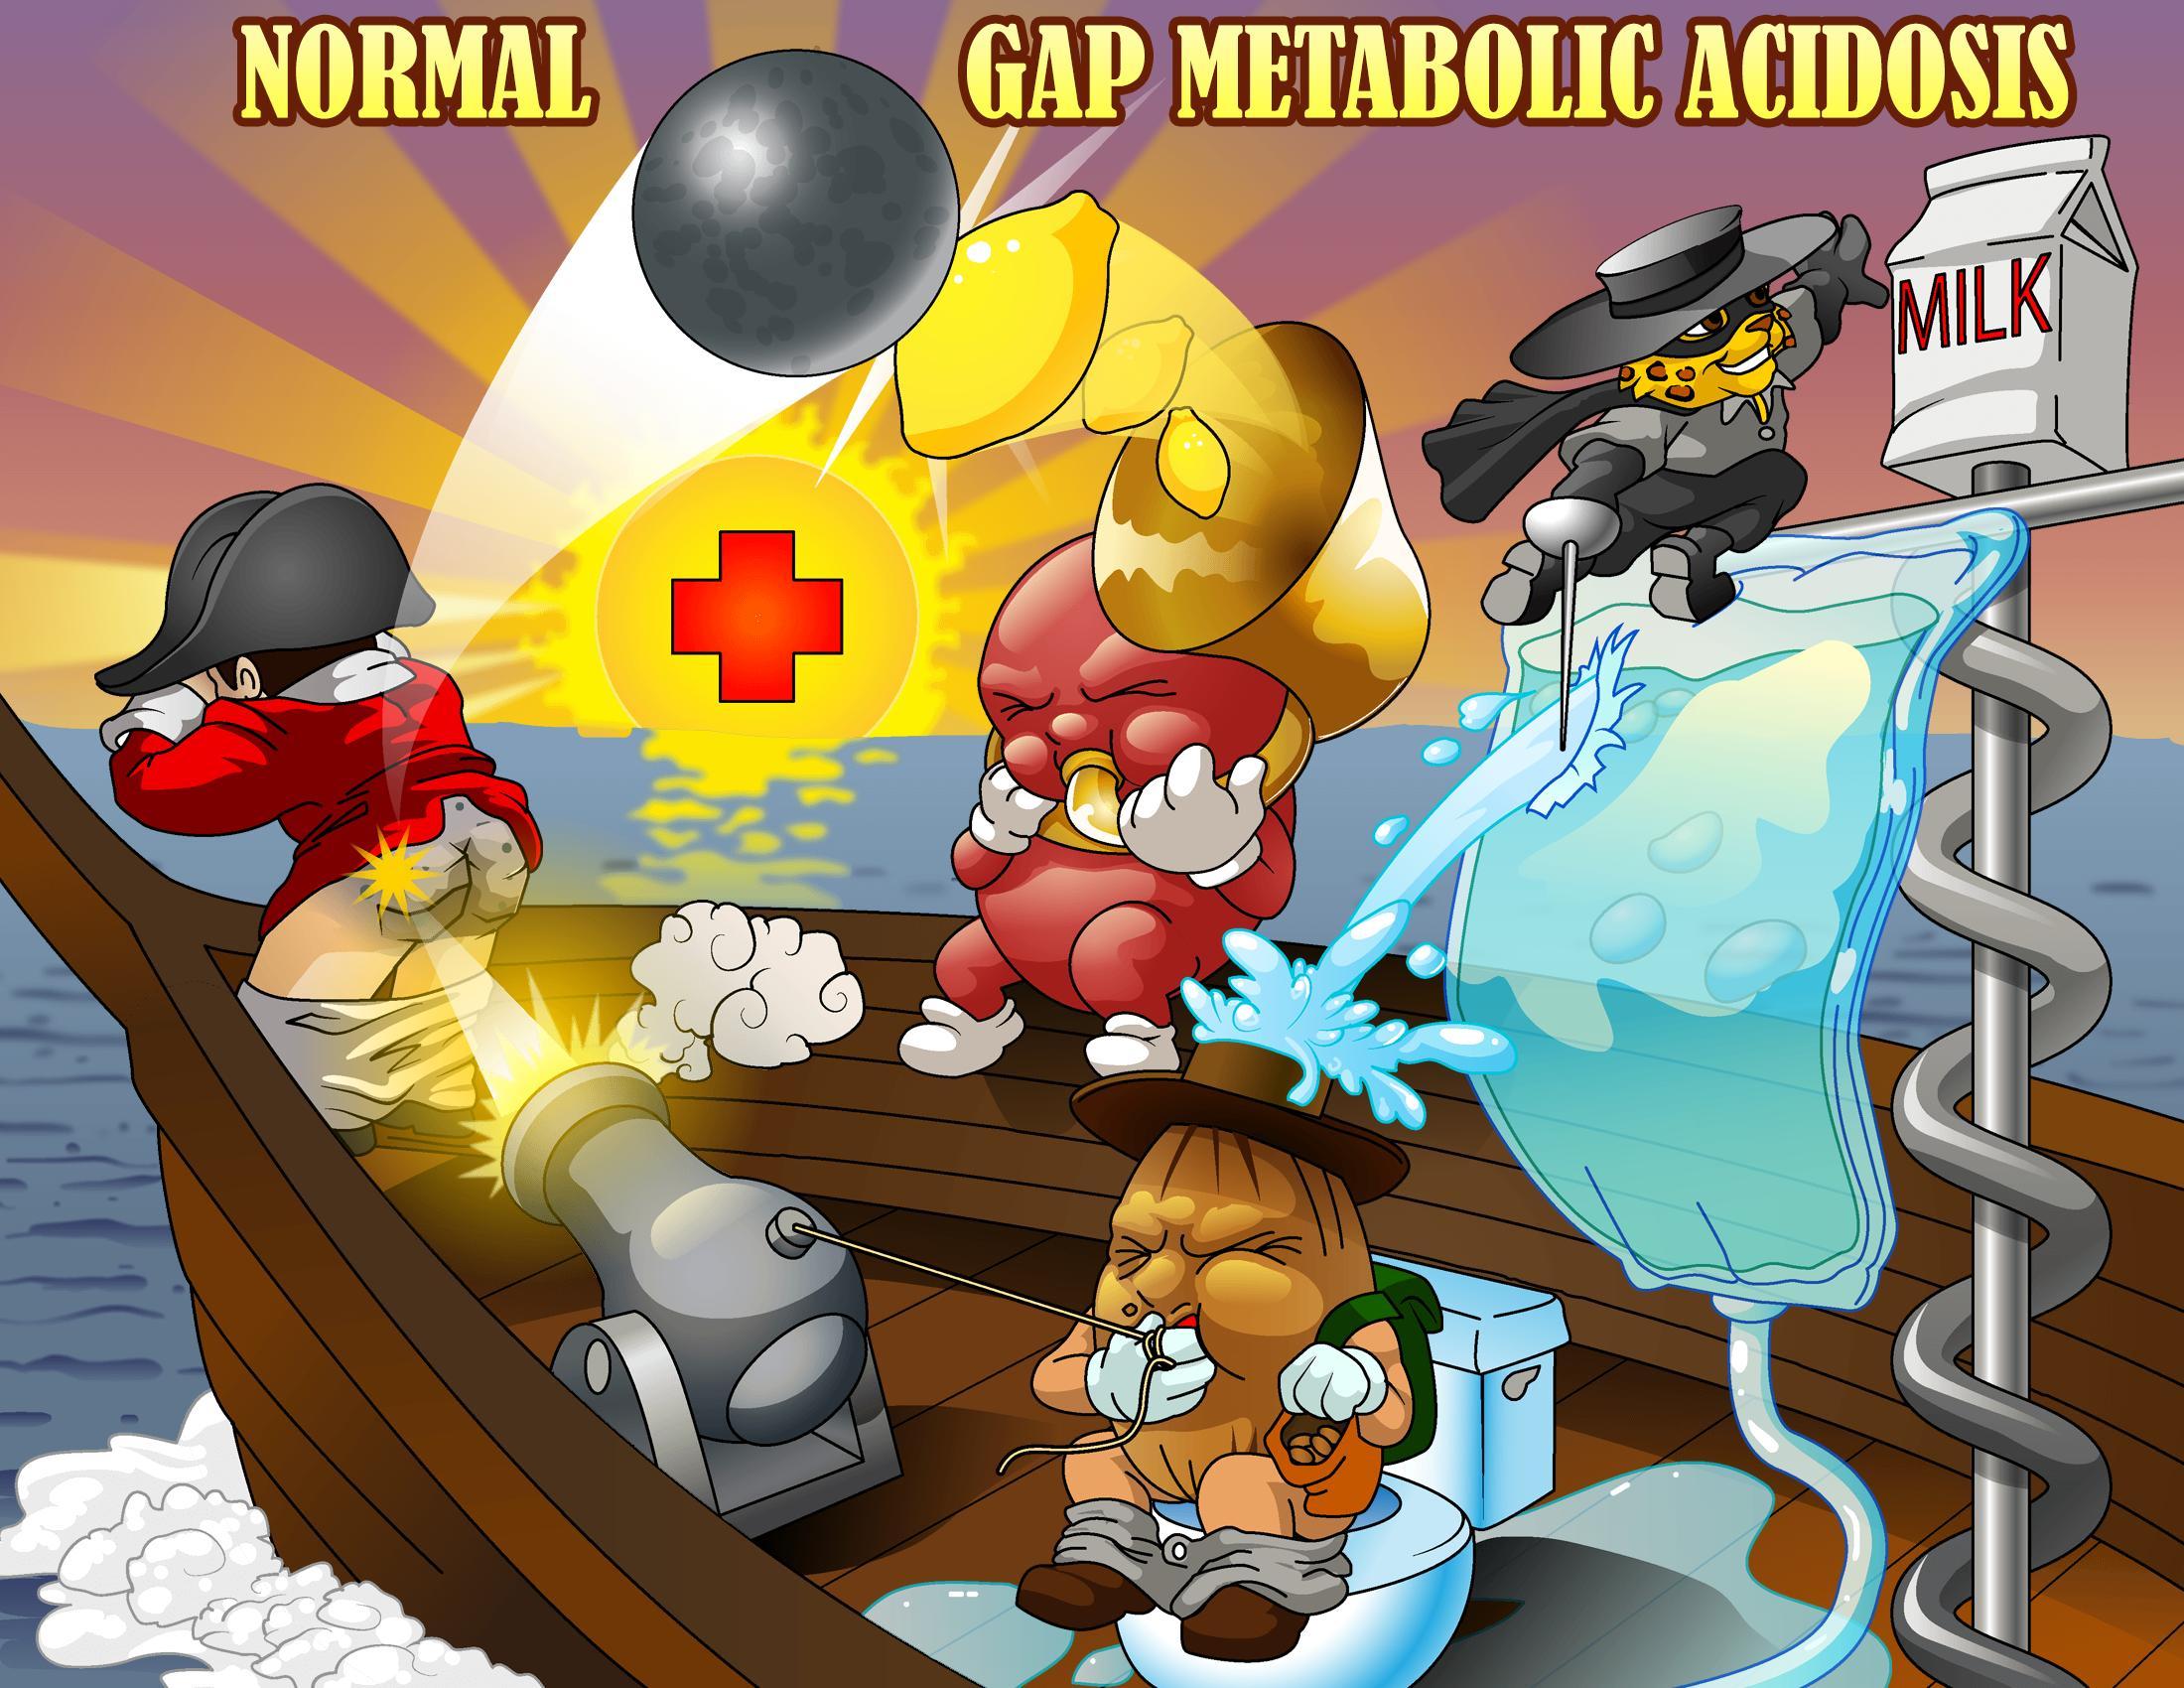 Normal Gap Metabolic Acidosis